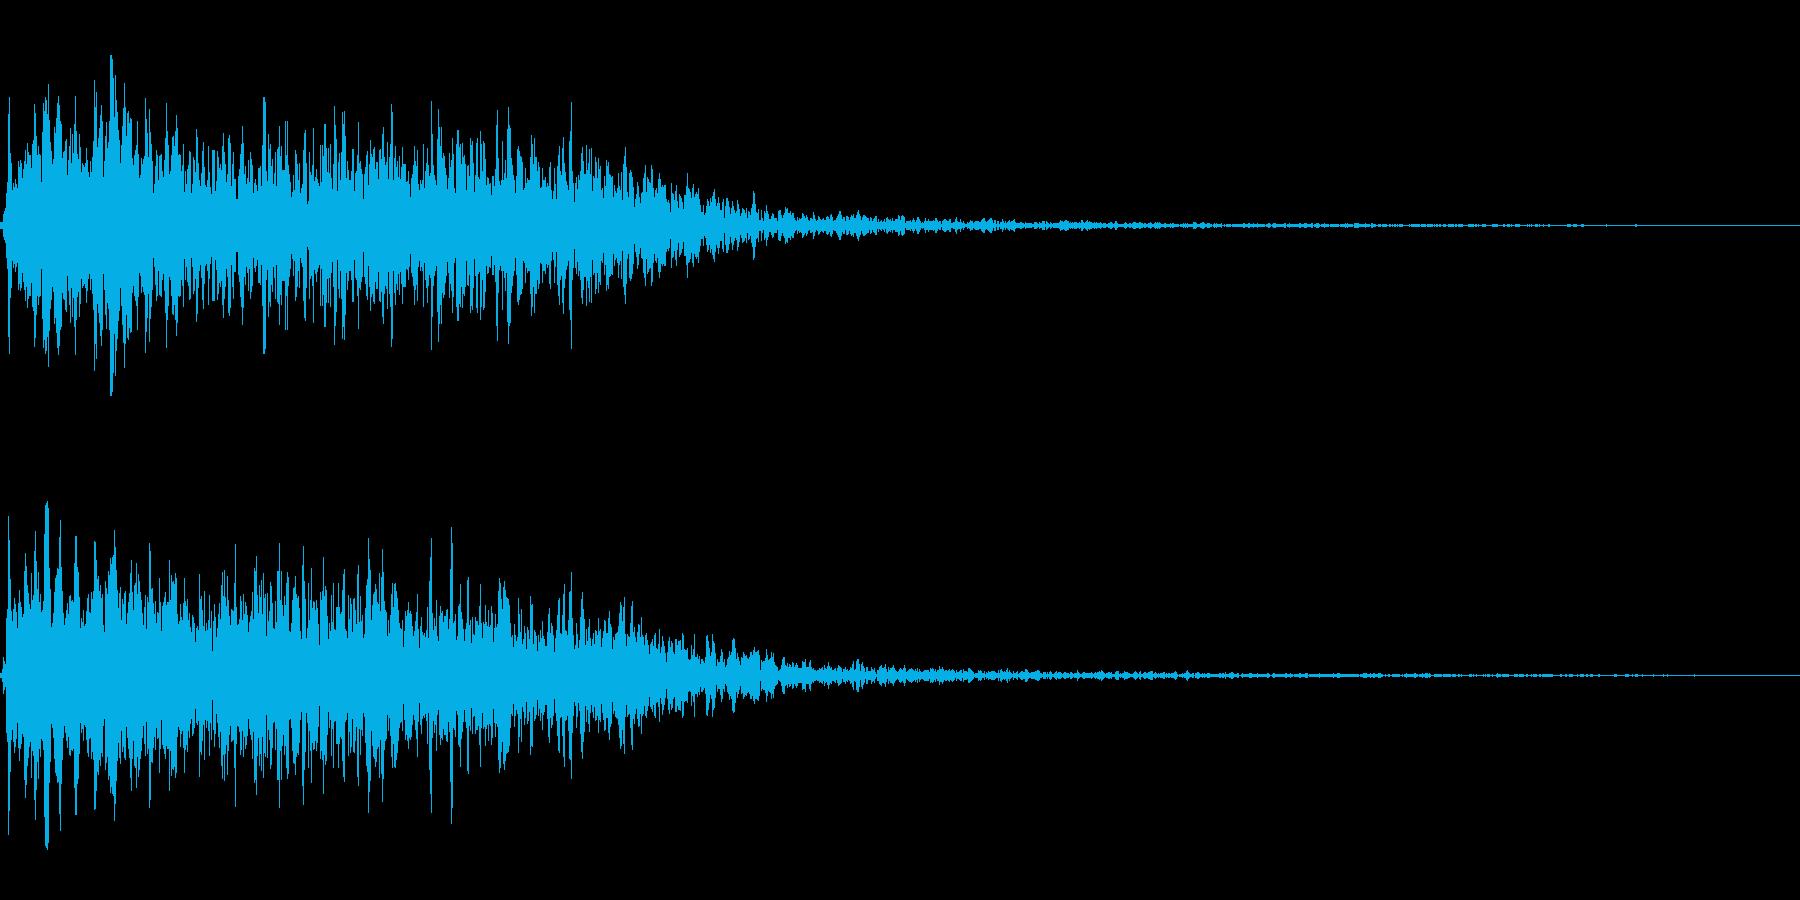 吹きすさぶ風・竜巻系の魔法(高レベル)sの再生済みの波形